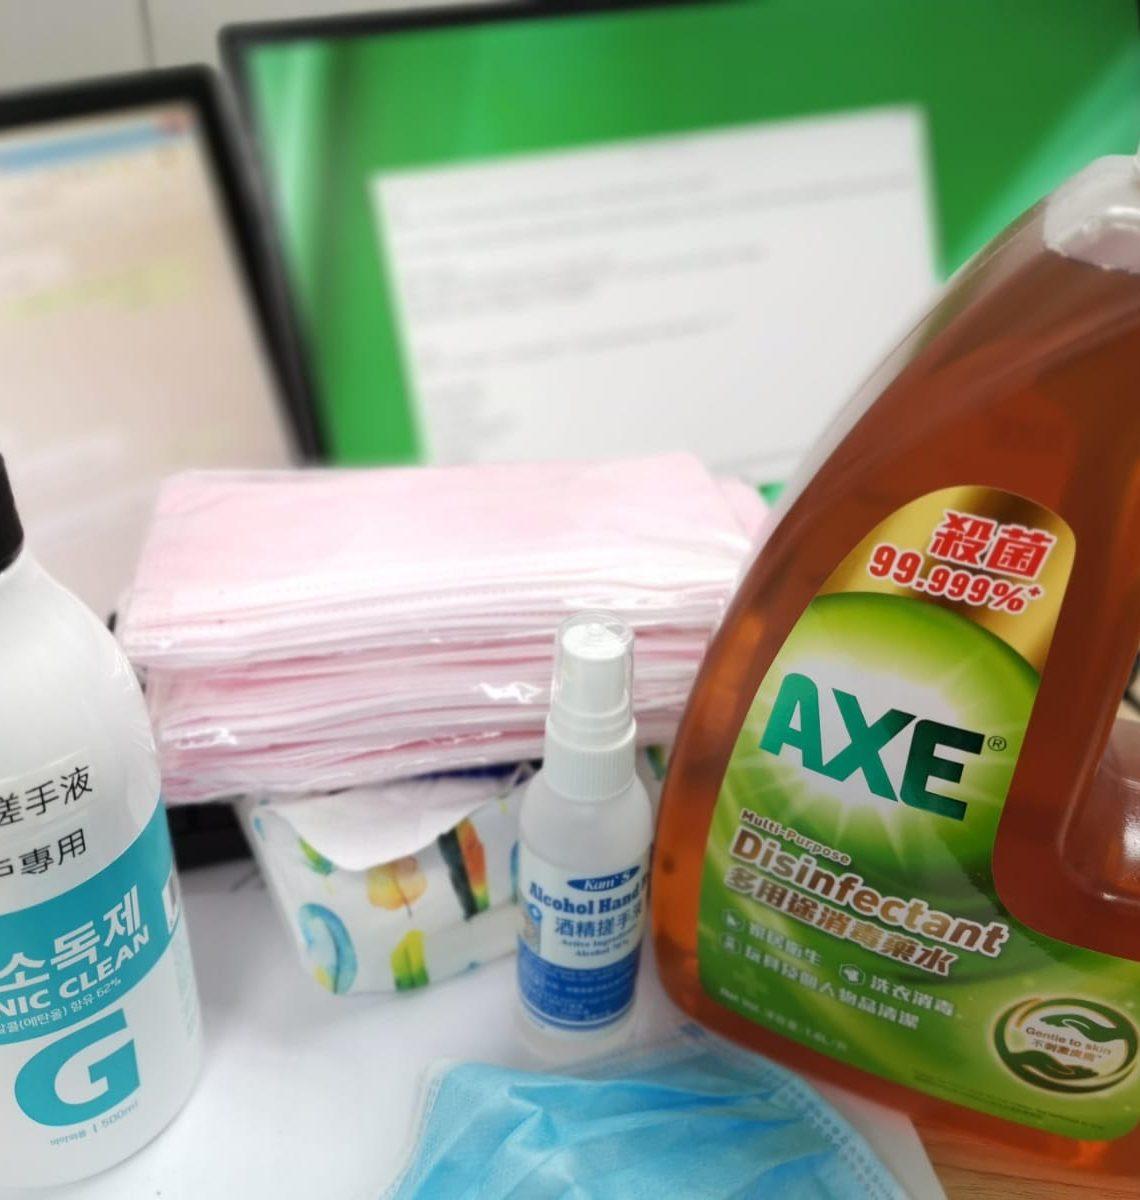 保持辦事處環境清潔衛生